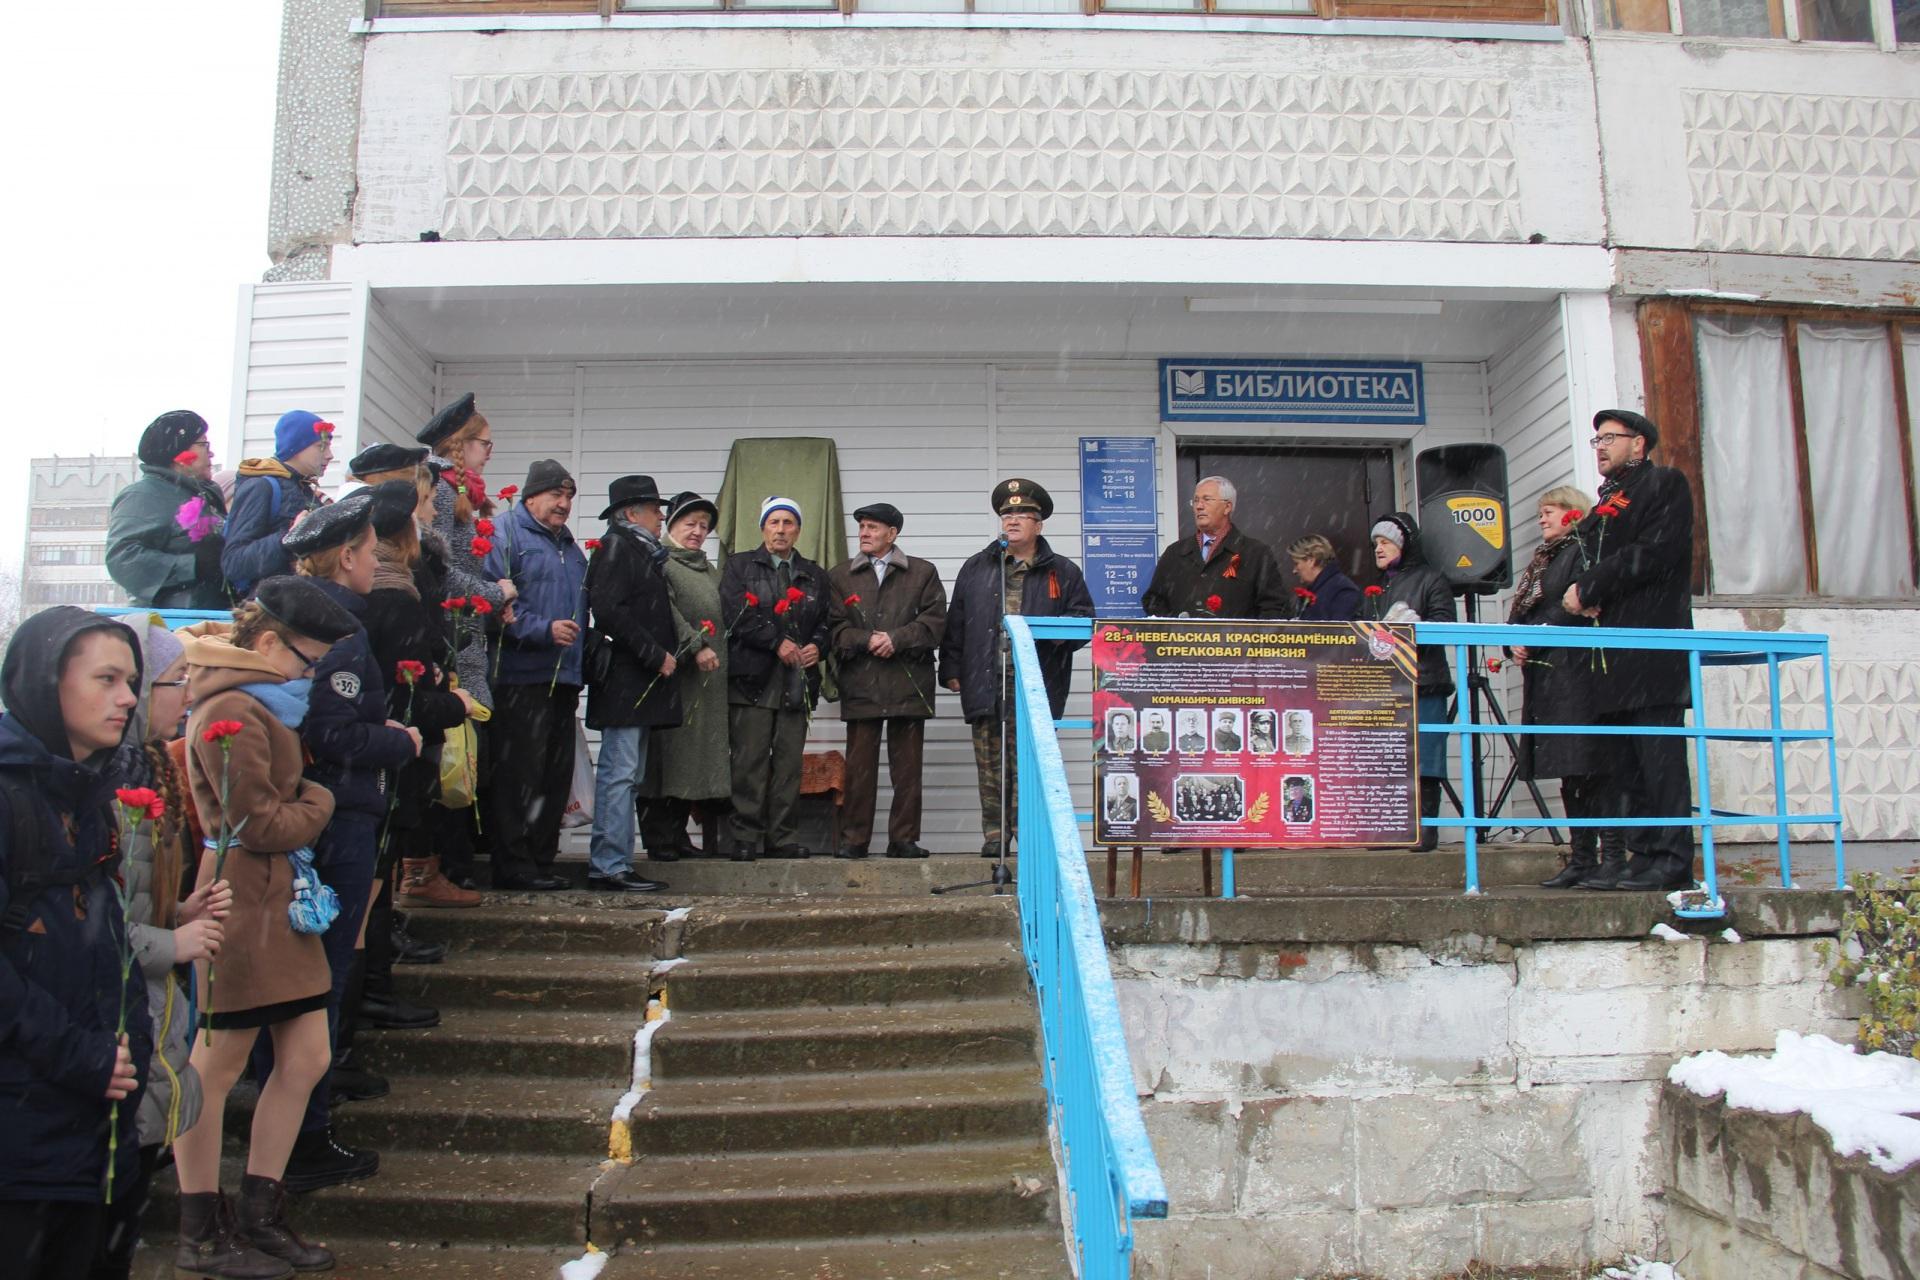 Одна из библиотек Сыктывкара теперь носит имя 28-й Невельской дивизии